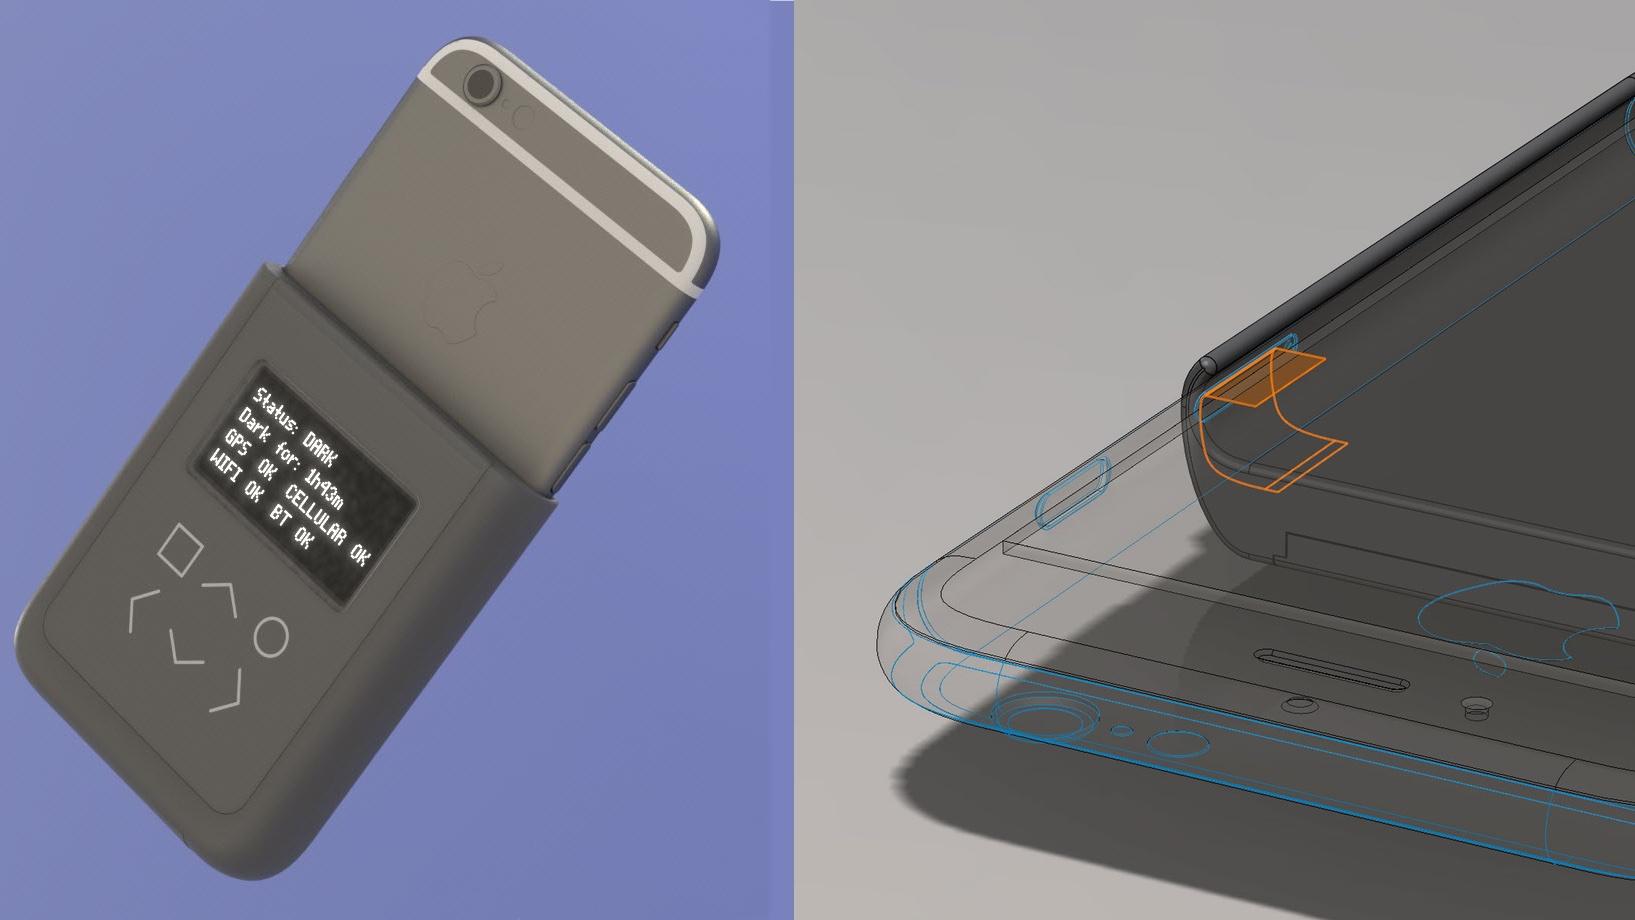 Snowden gadget